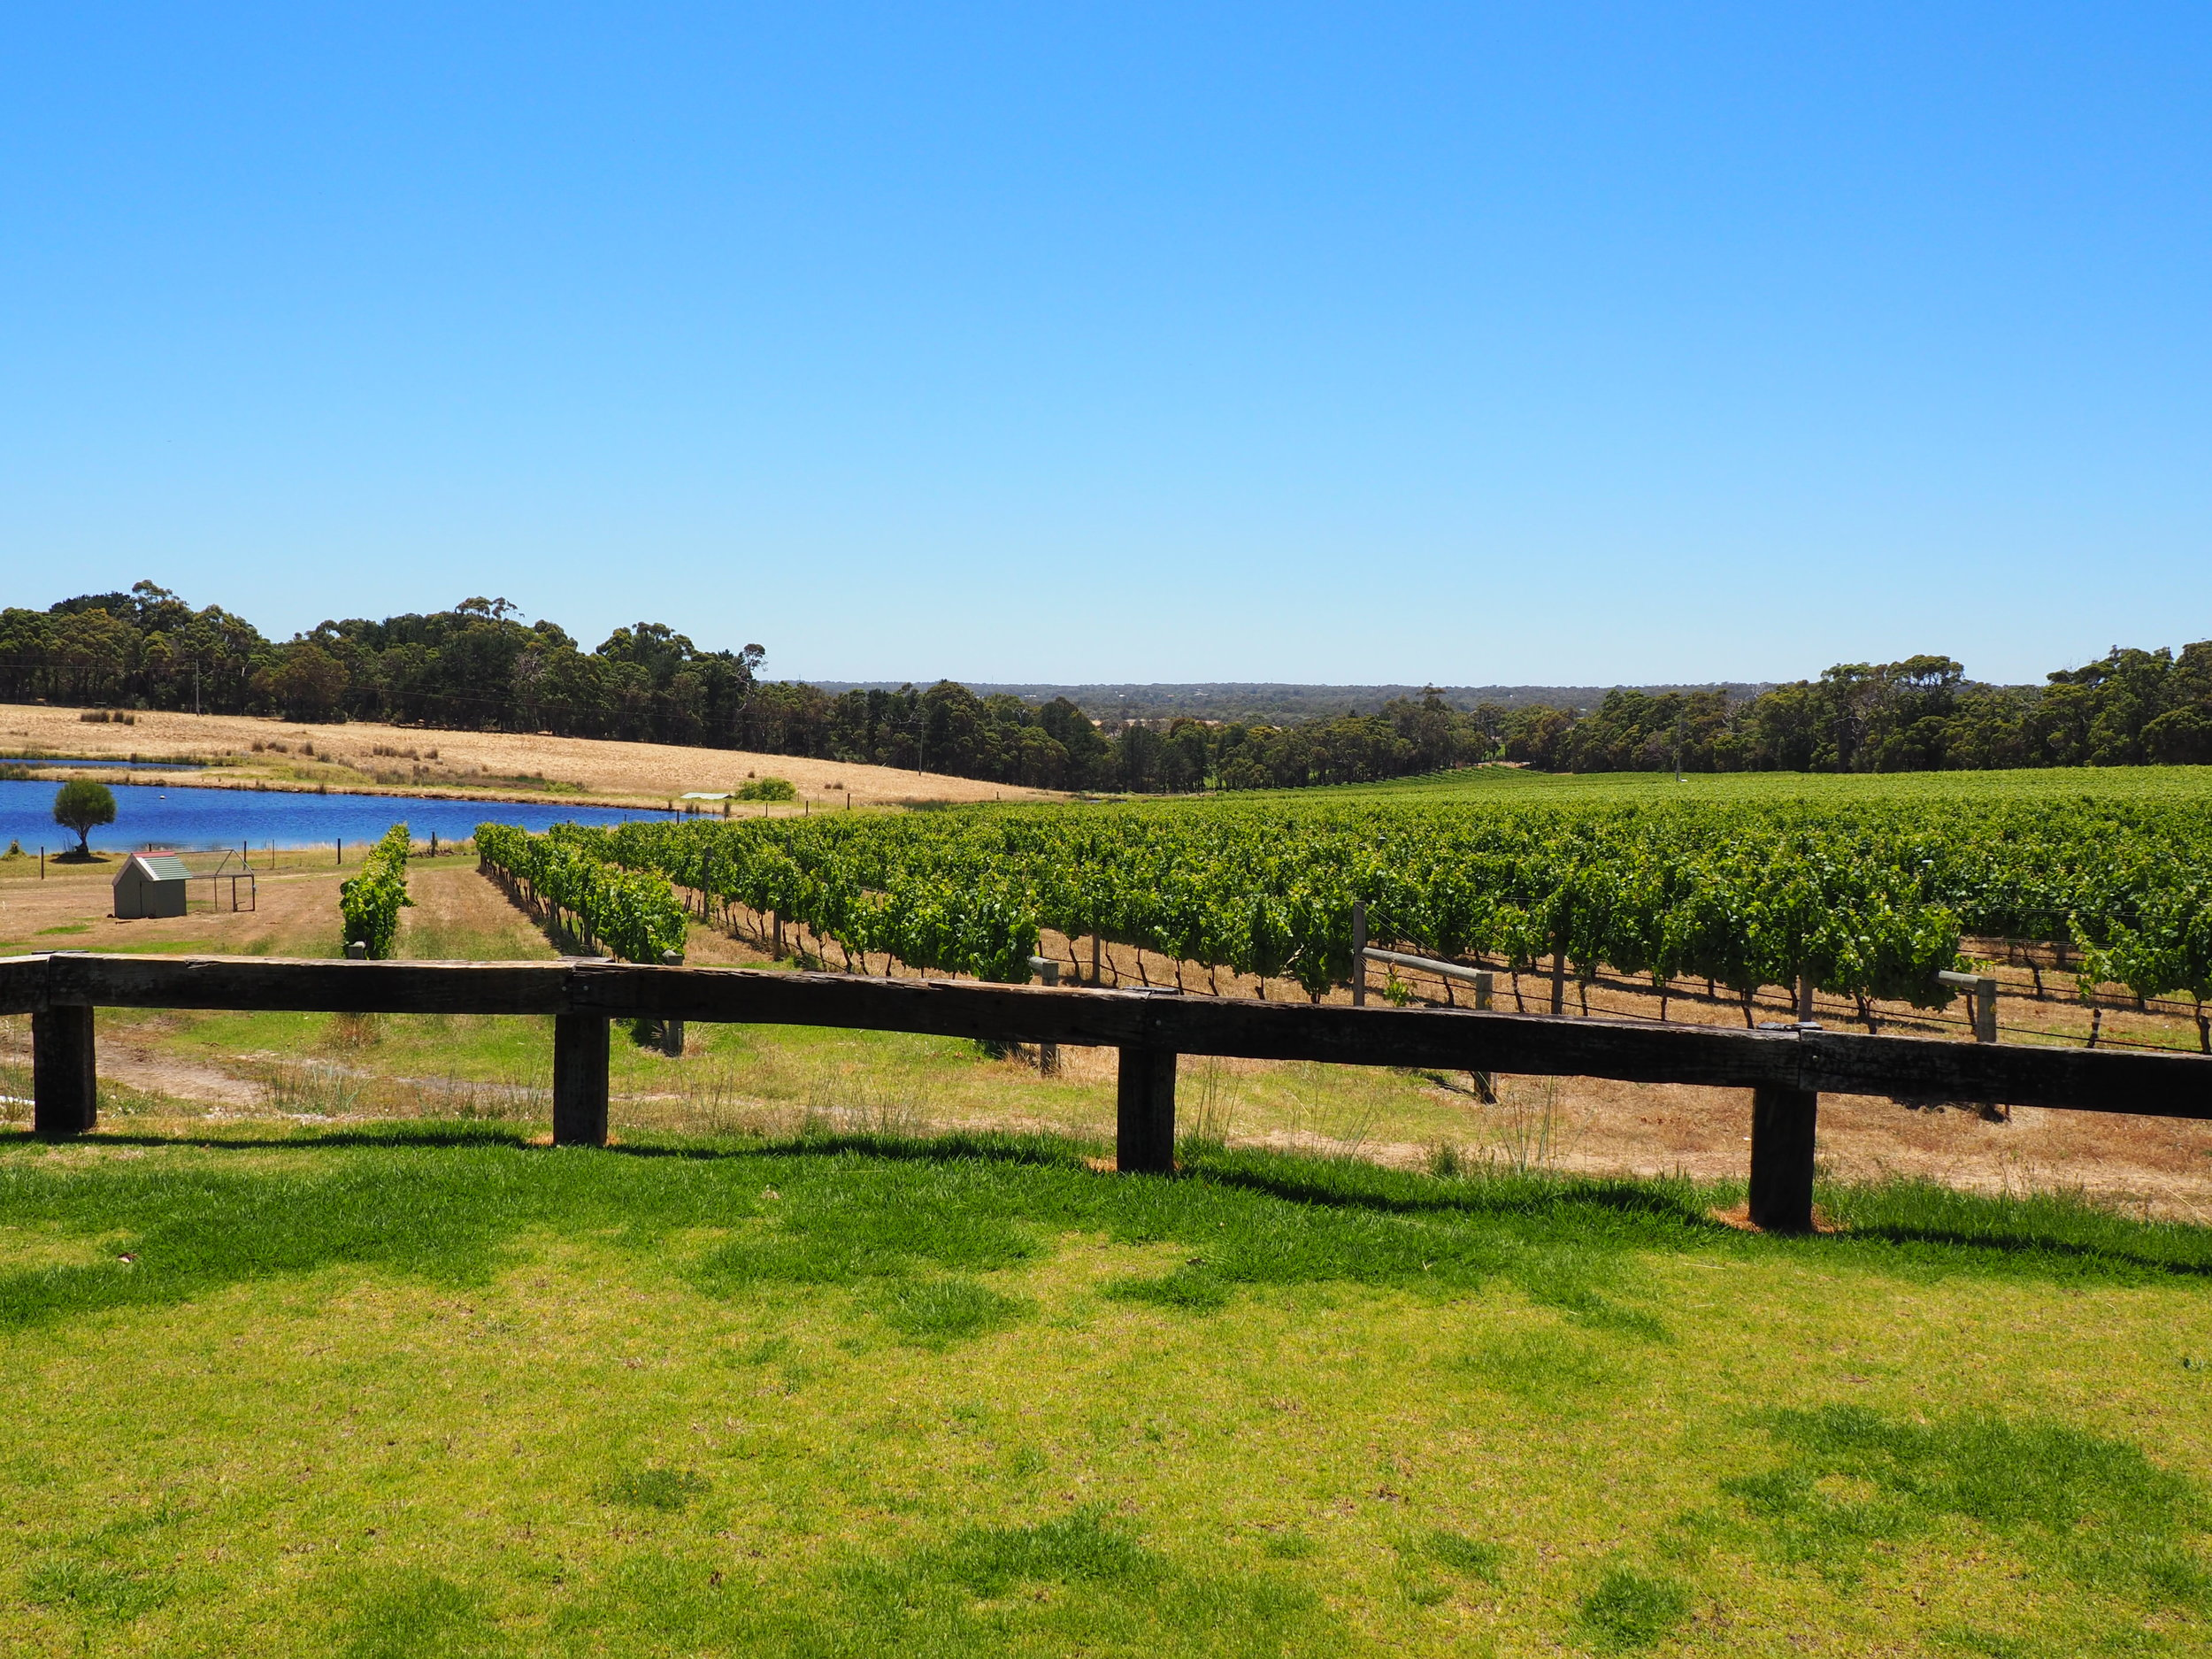 View of vineyard.JPG